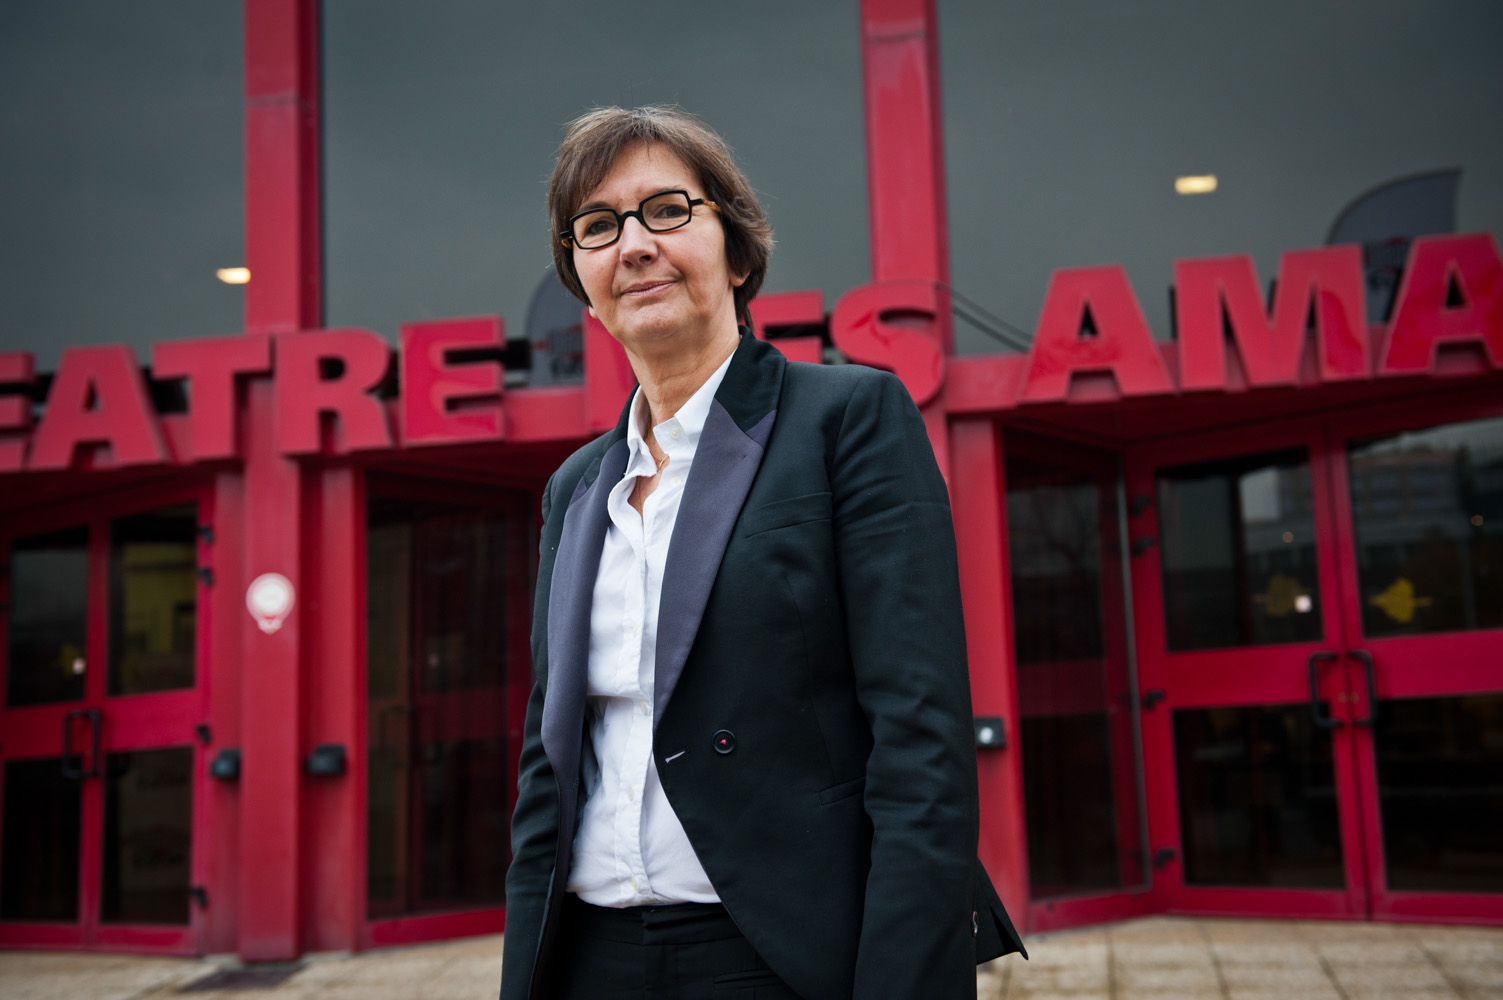 La secrétaire d'Etat chargée du Commerce, de l'Artisanat et de la Consommation, Valérie Fourneyron, lors du Forum Ile-de-France 2030.